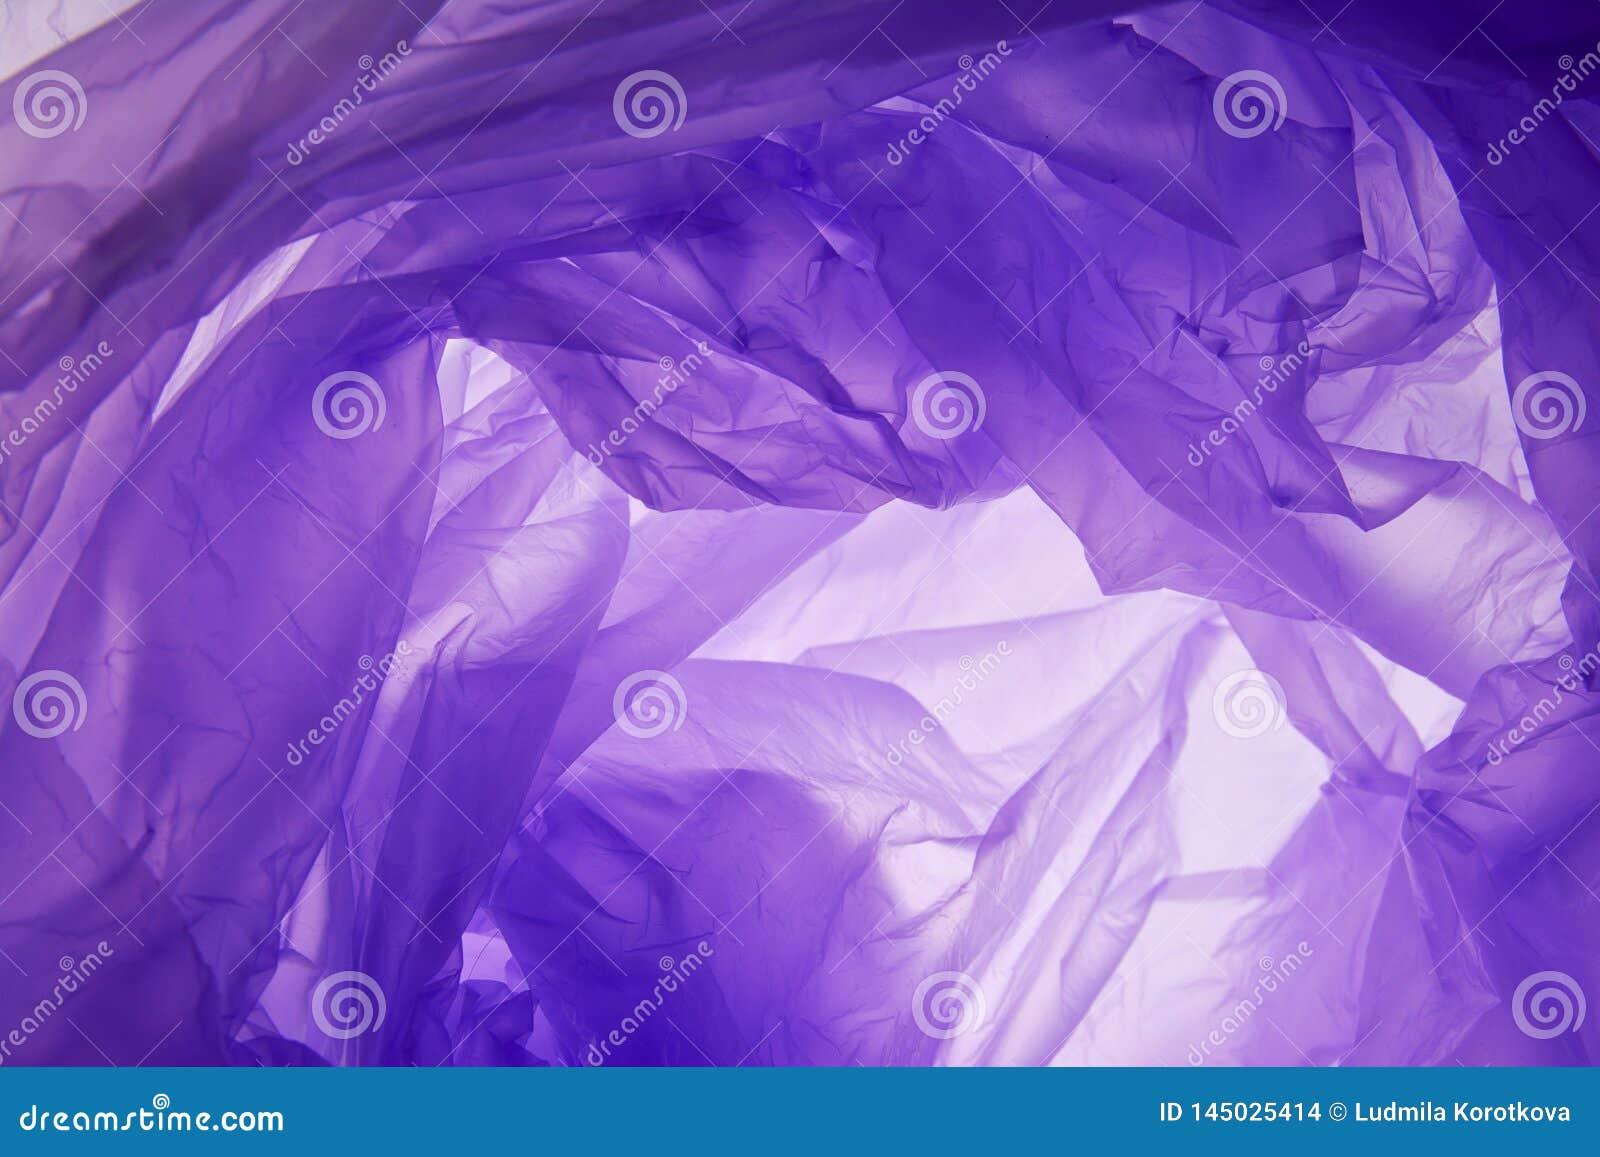 Fond de sachet en plastique Soulagement froiss? par couleur lilas synth?tique artificielle moderne Emballage chiffonn? approximat